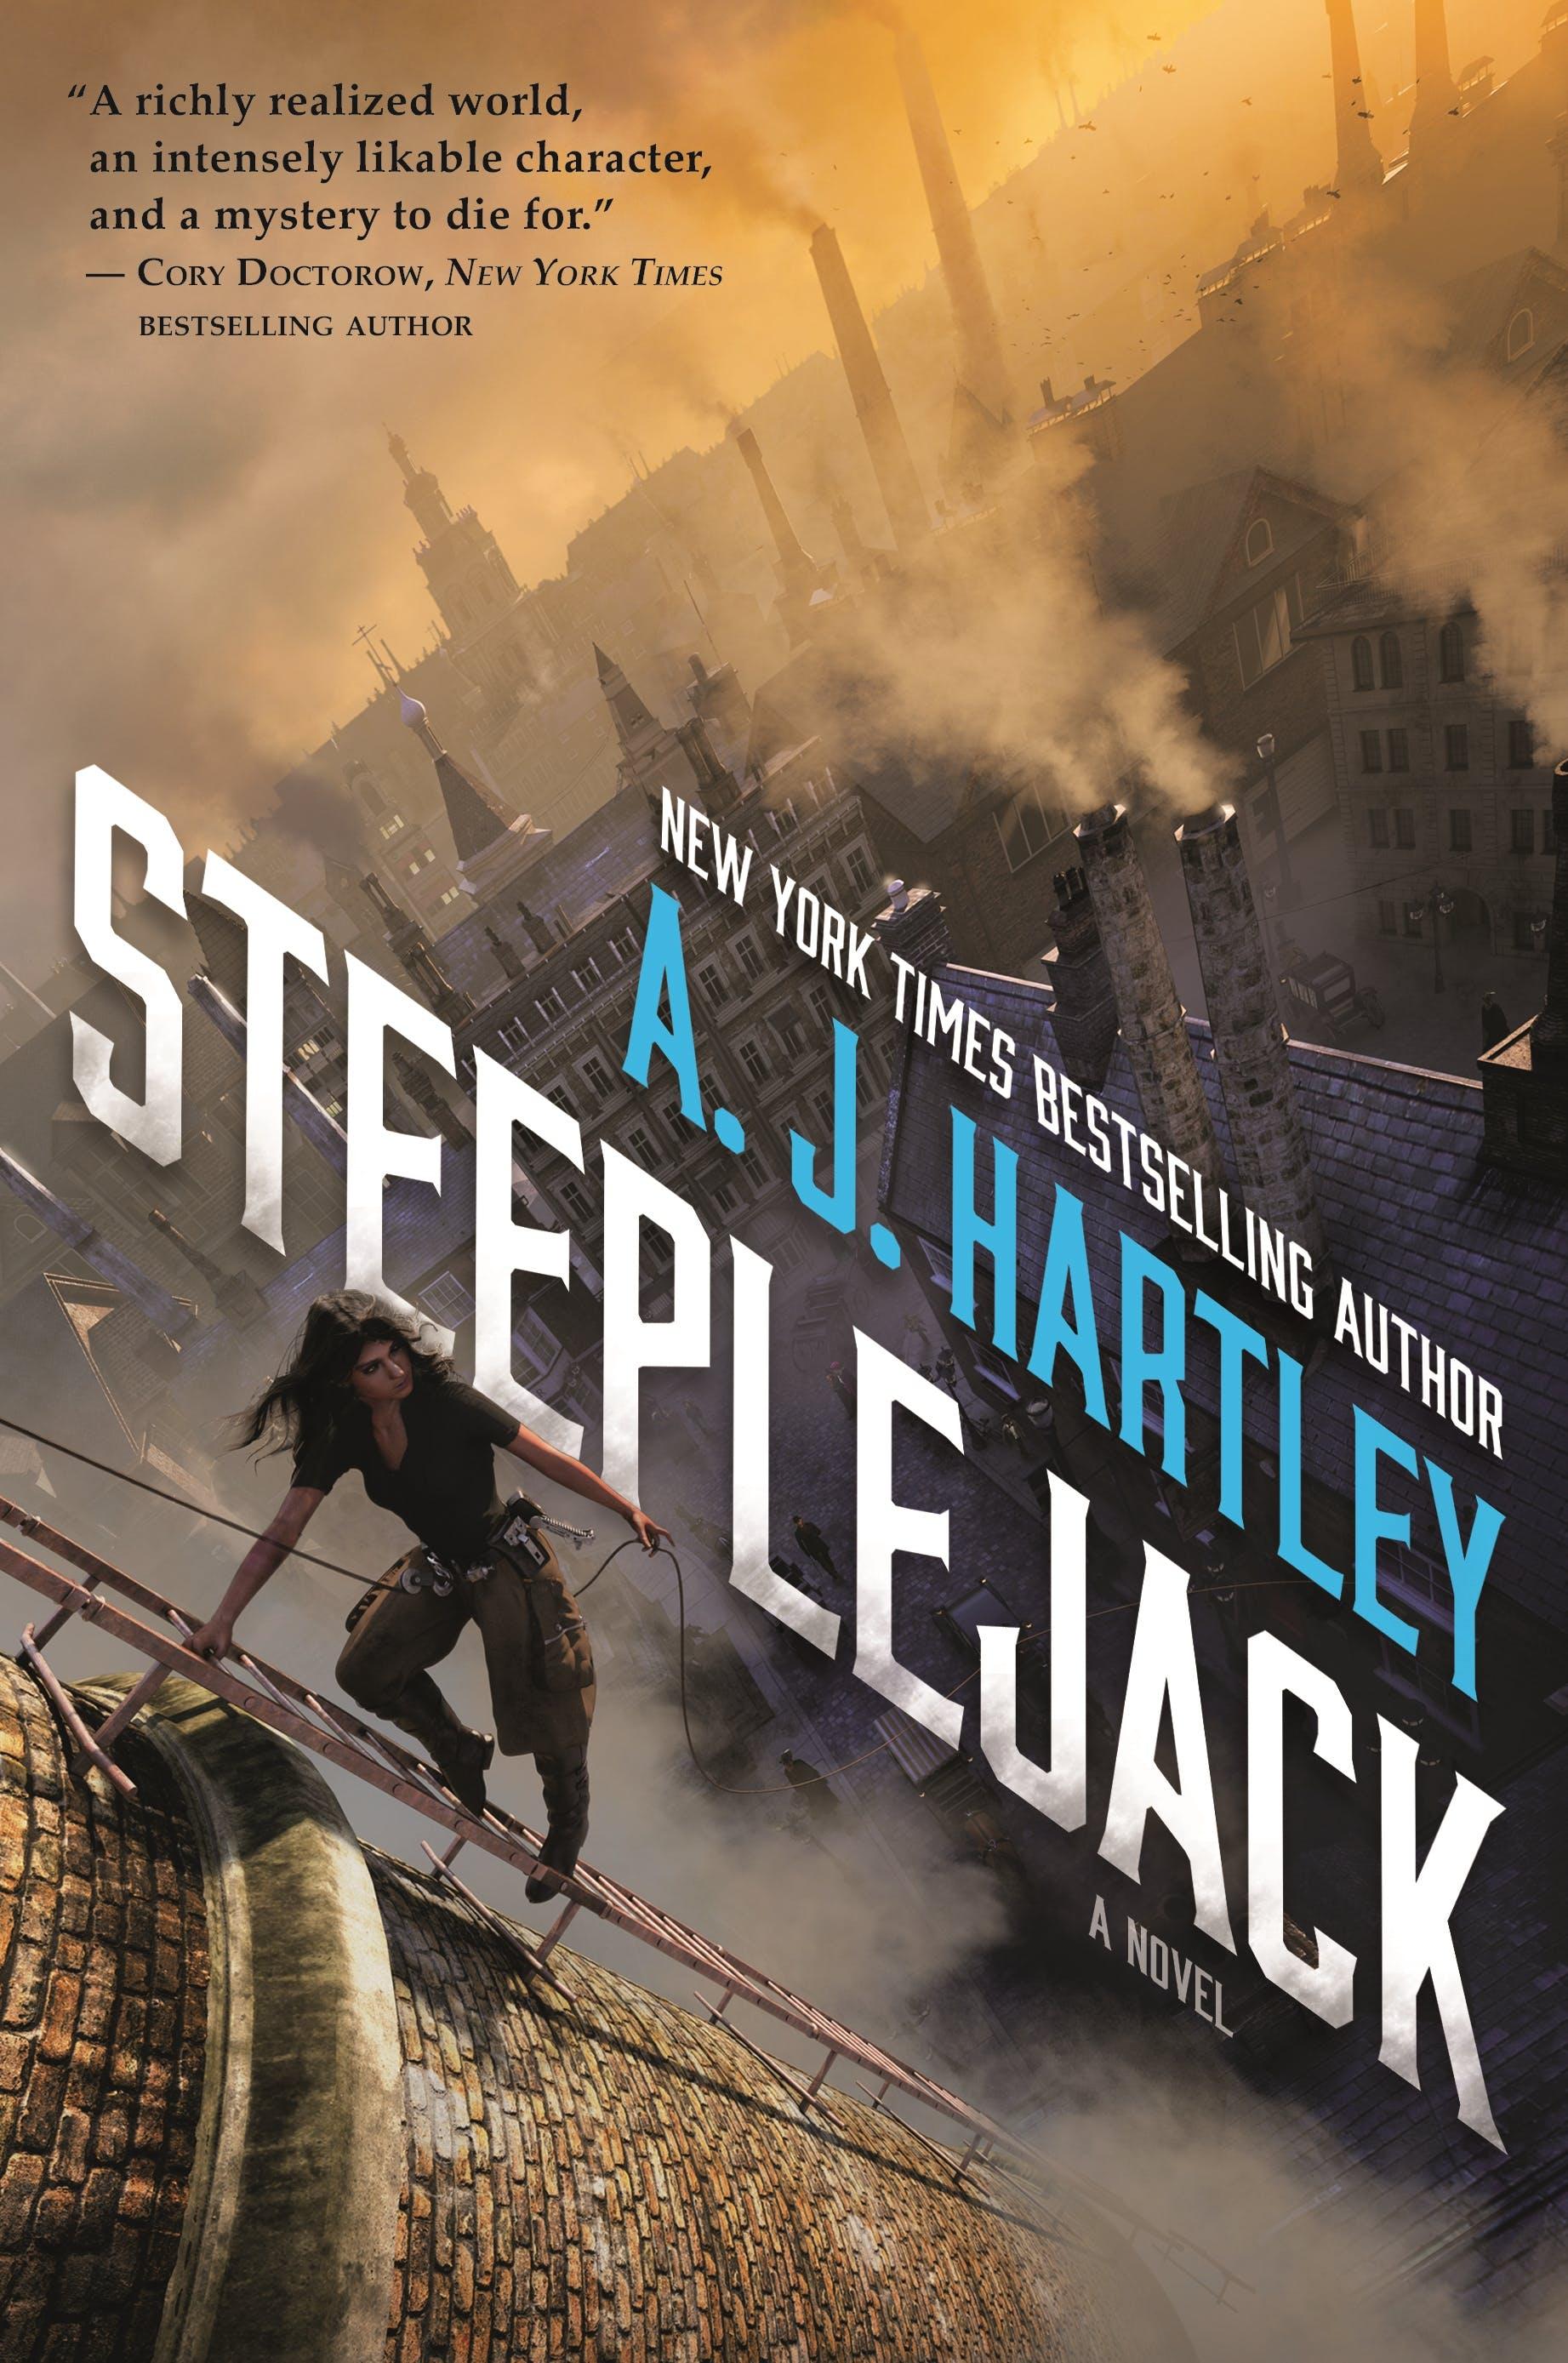 Image of Steeplejack